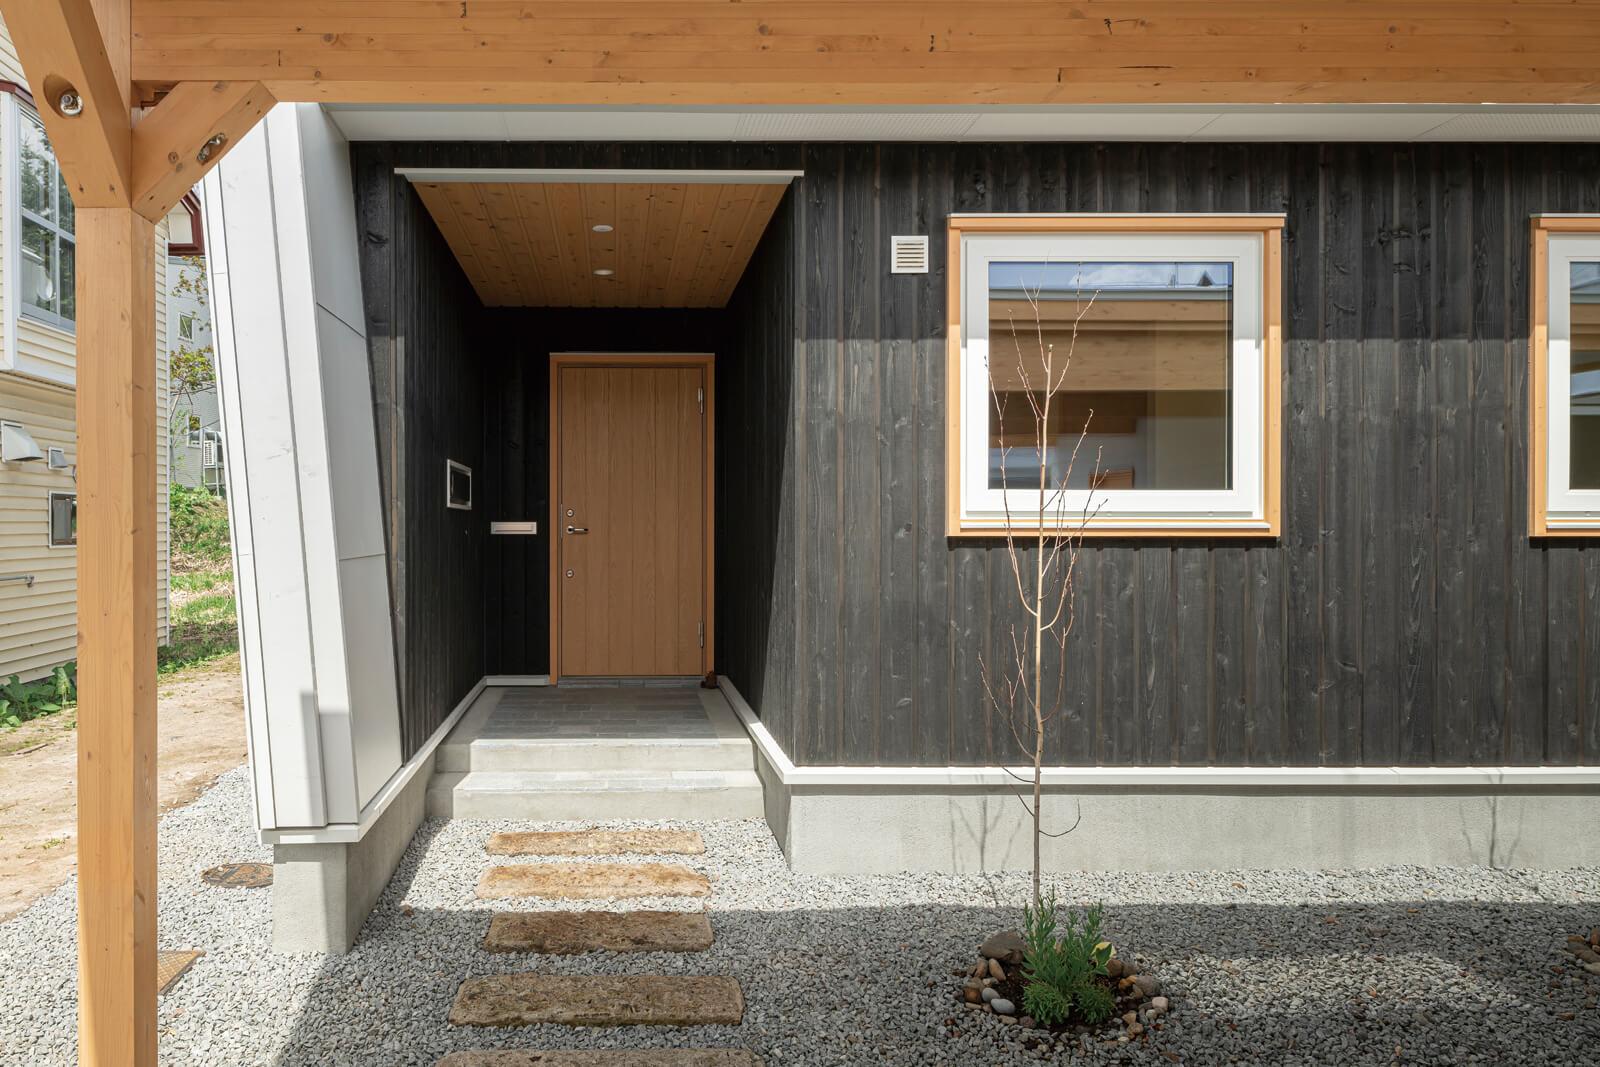 ナチュラルパイン・道南スギ・札幌軟石の敷石と素材感を楽しめる玄関アプローチ